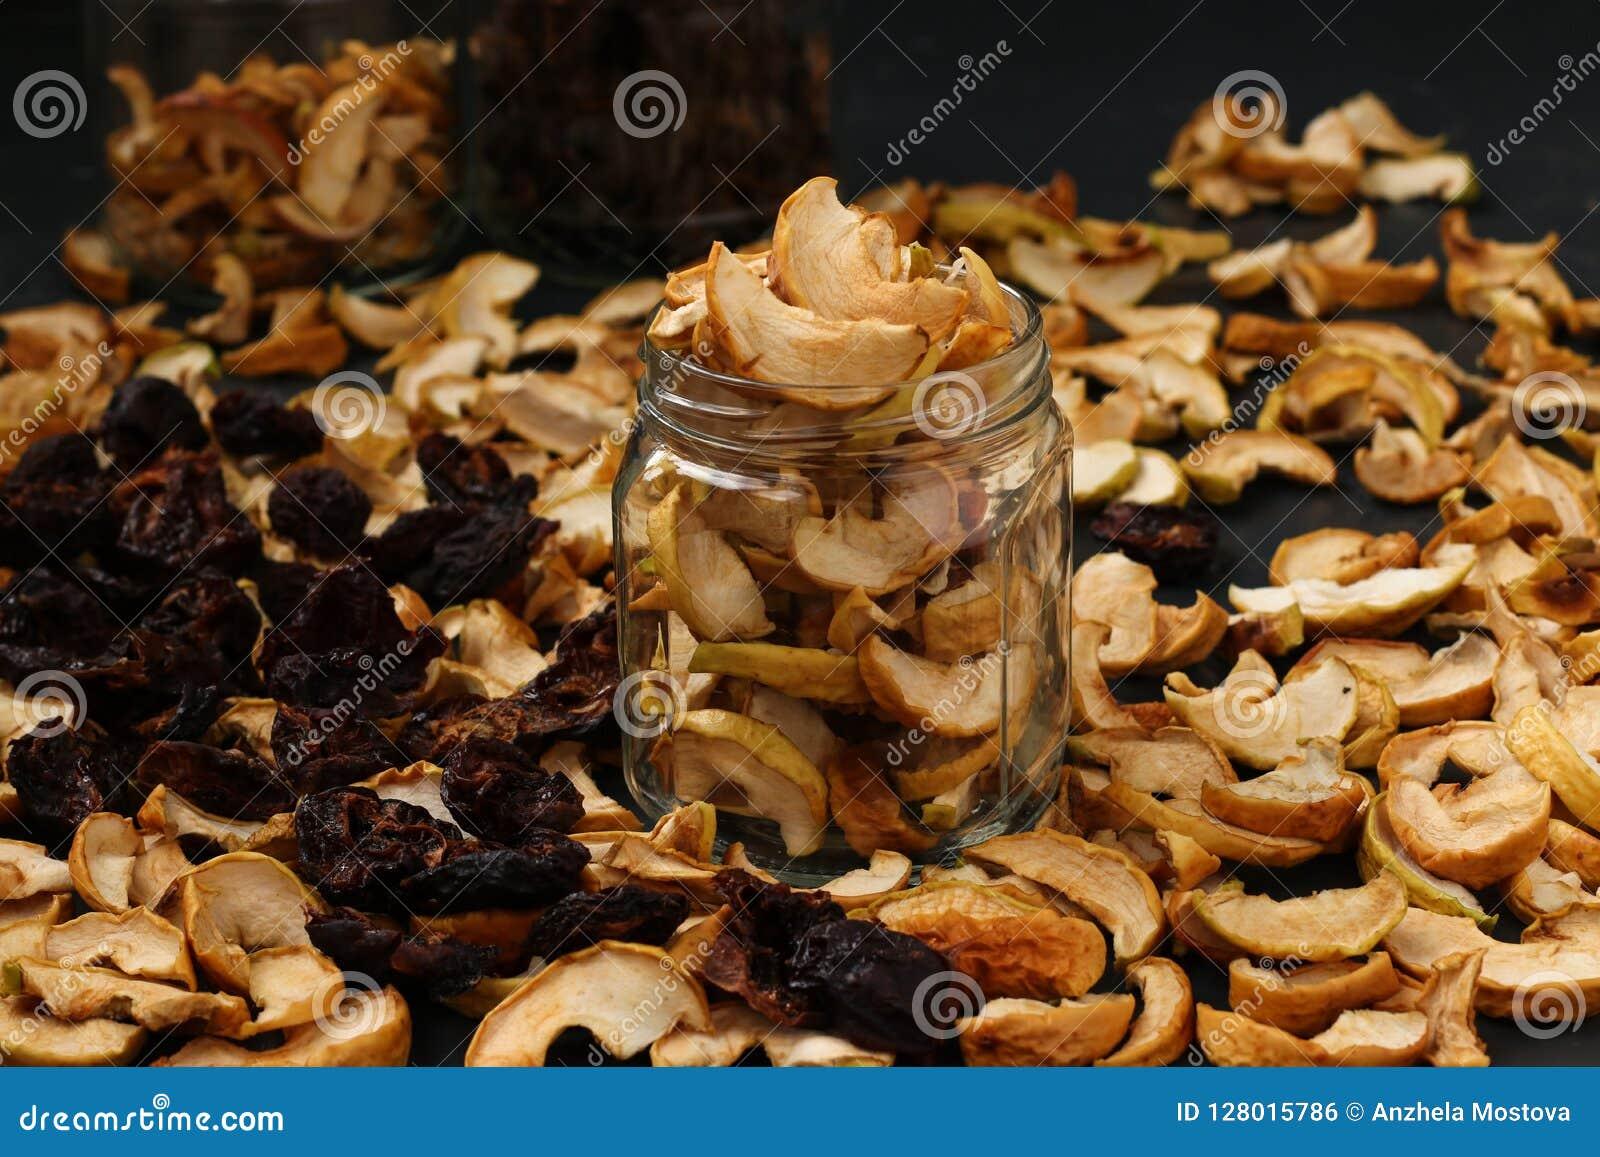 Wysuszone owoc w szklanych słojach na ciemnym tle